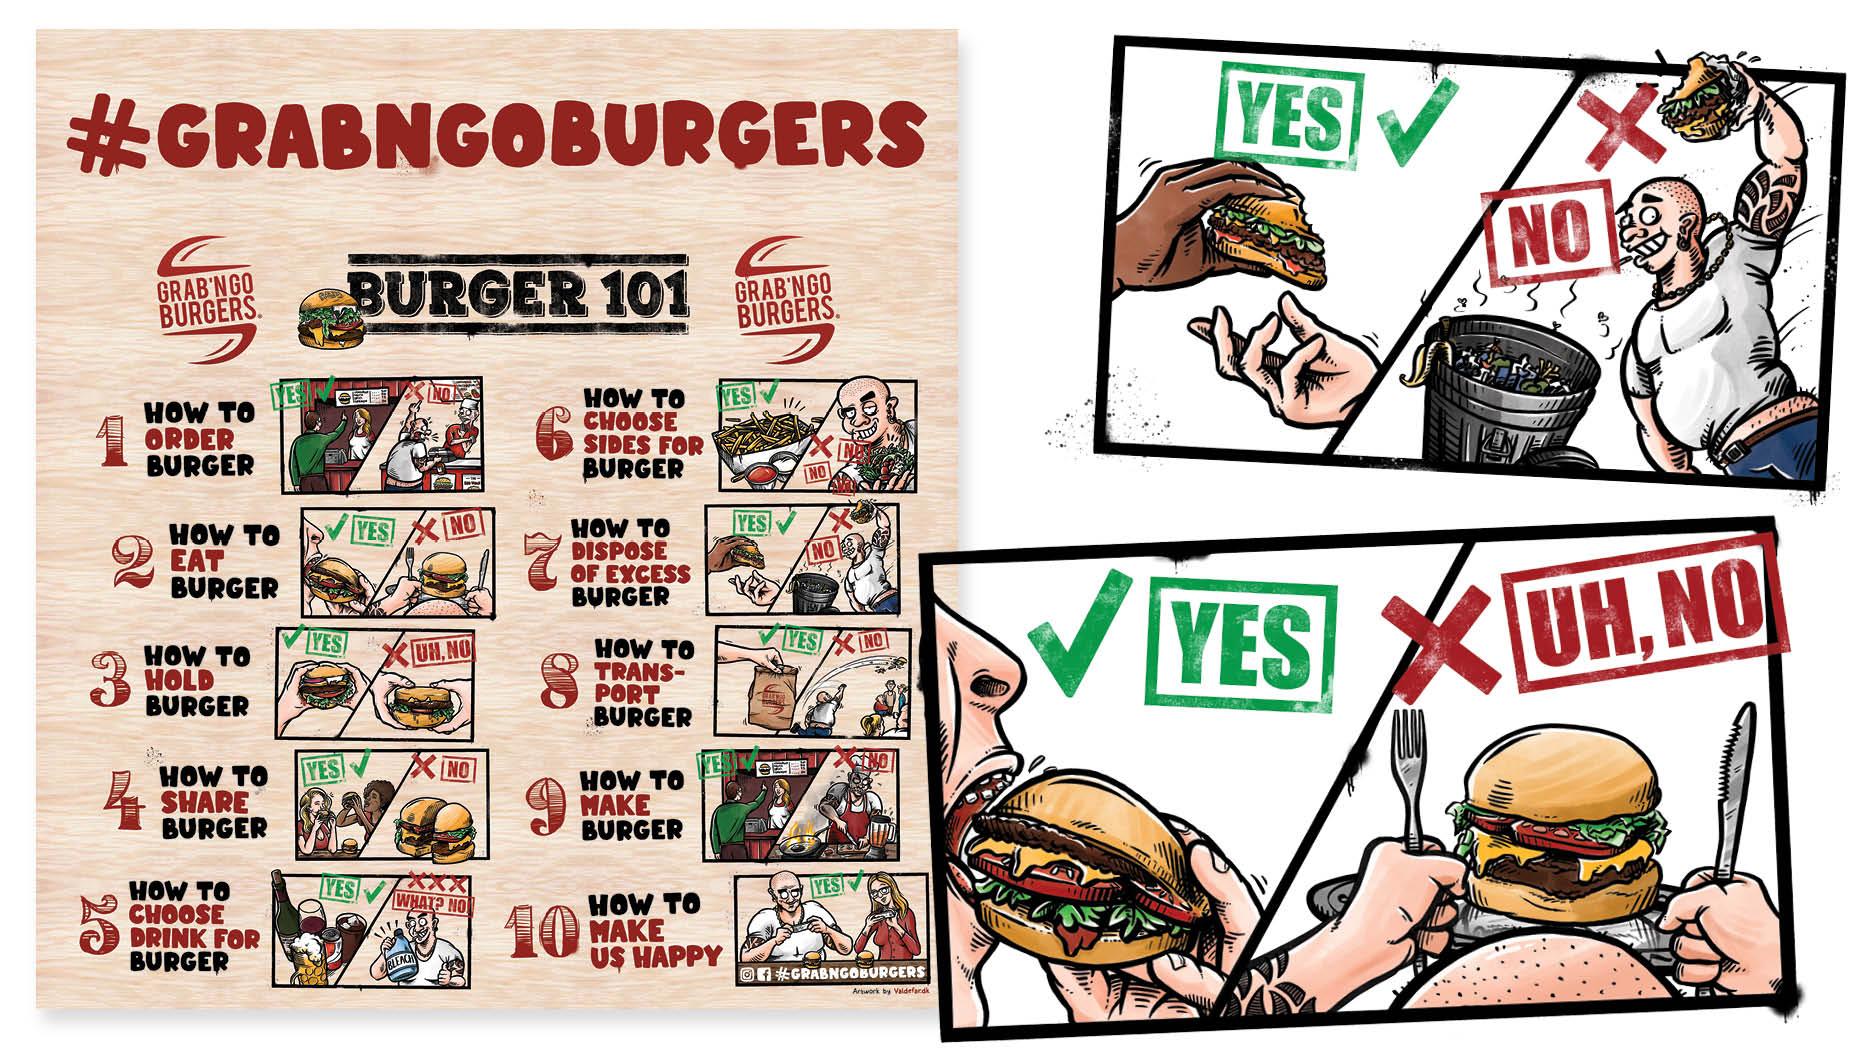 Kunder og samarbejde – Grab'n Go Burger